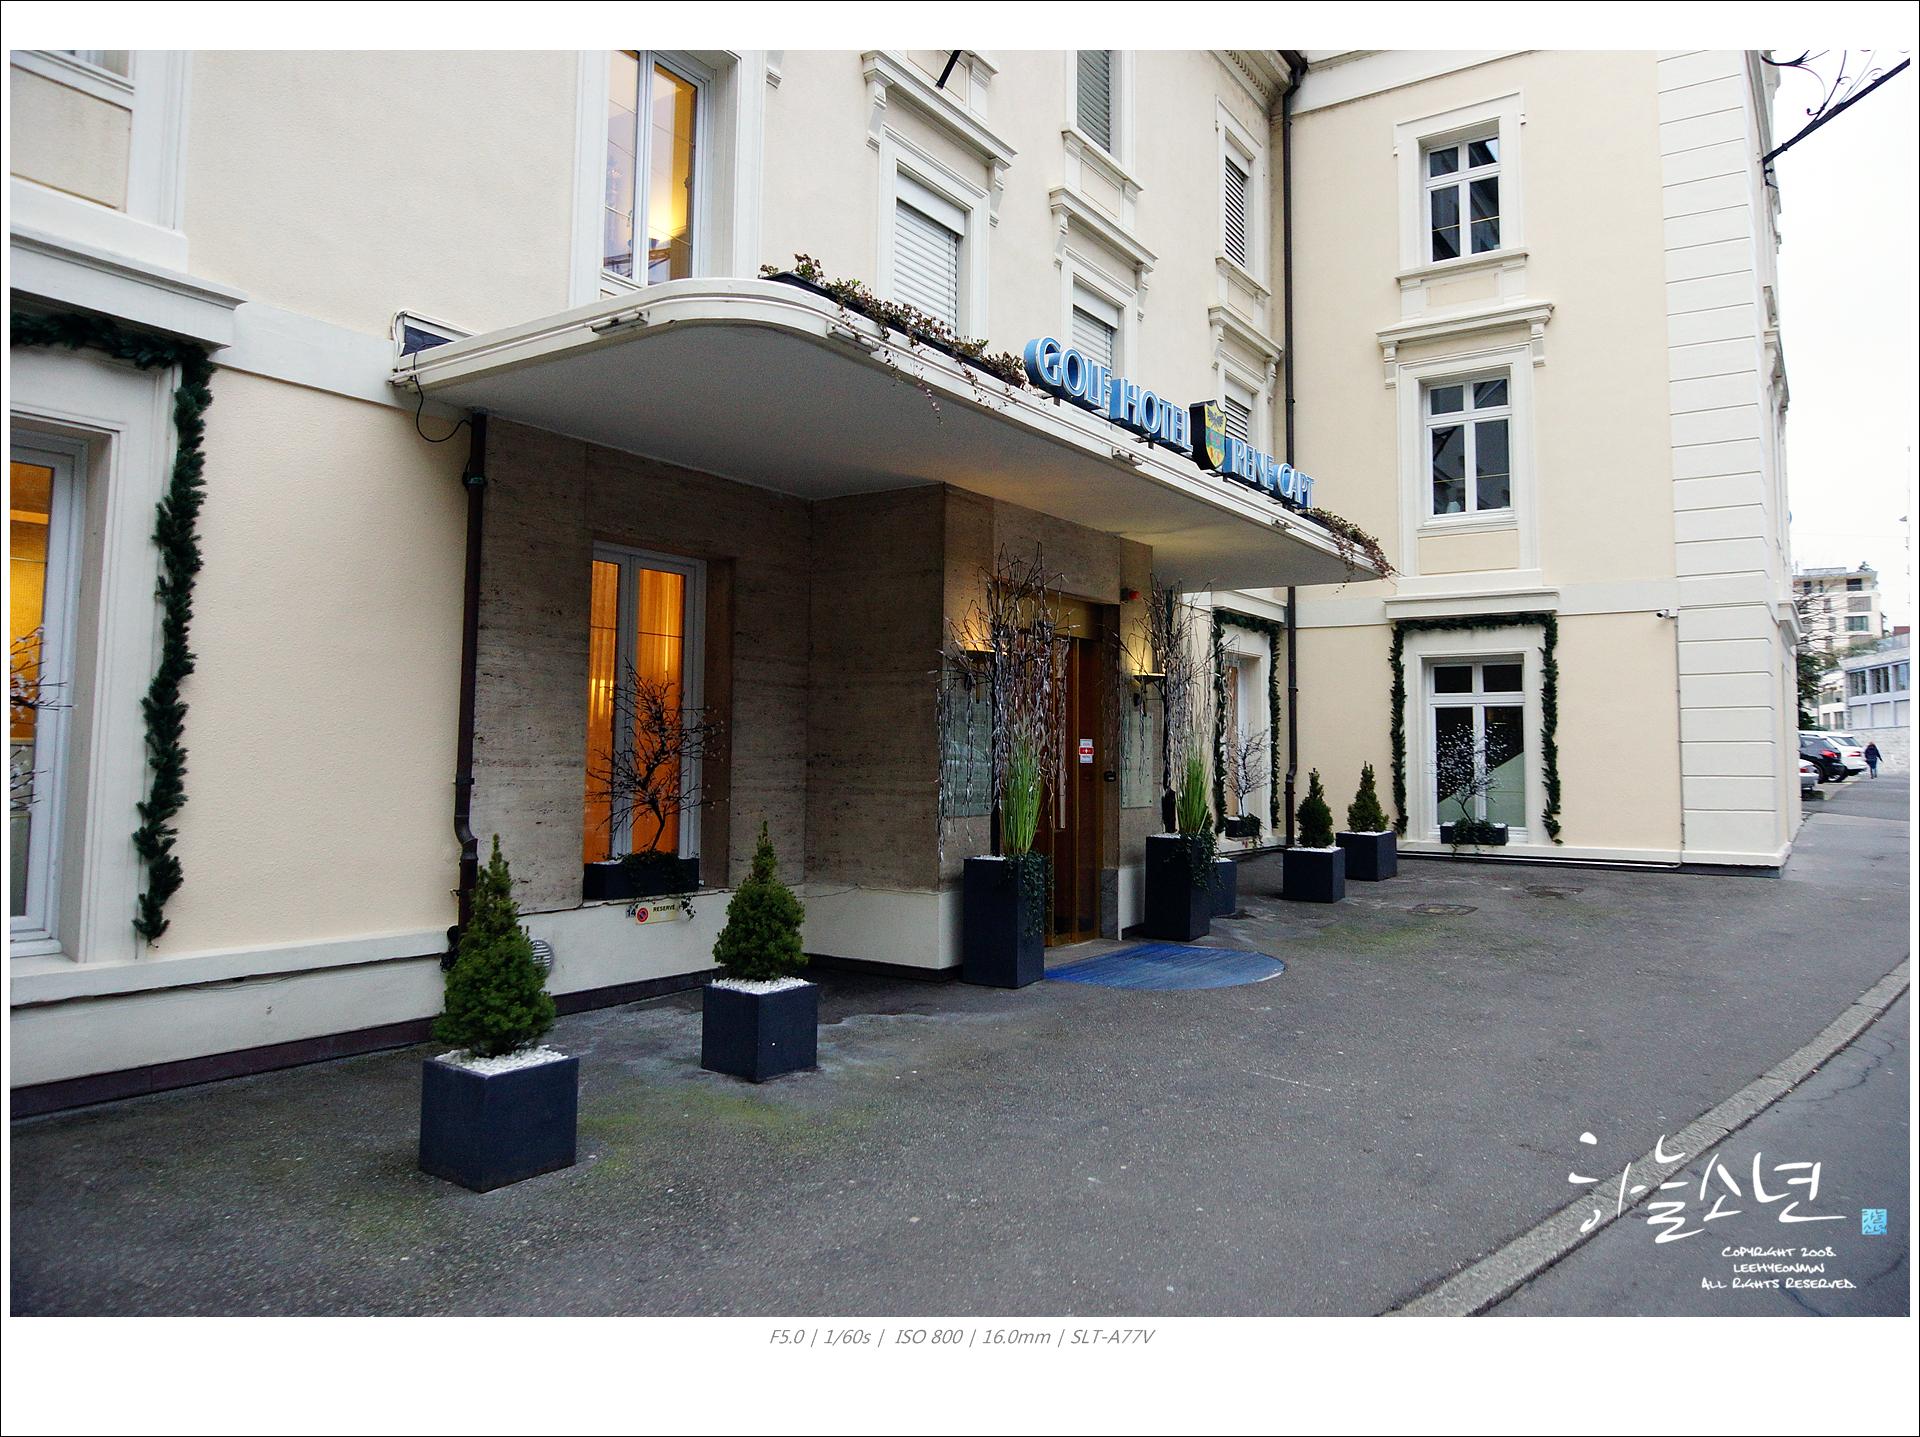 몽트뢰숙소리뷰(Golf Hotel René Capt) - 골프호텔